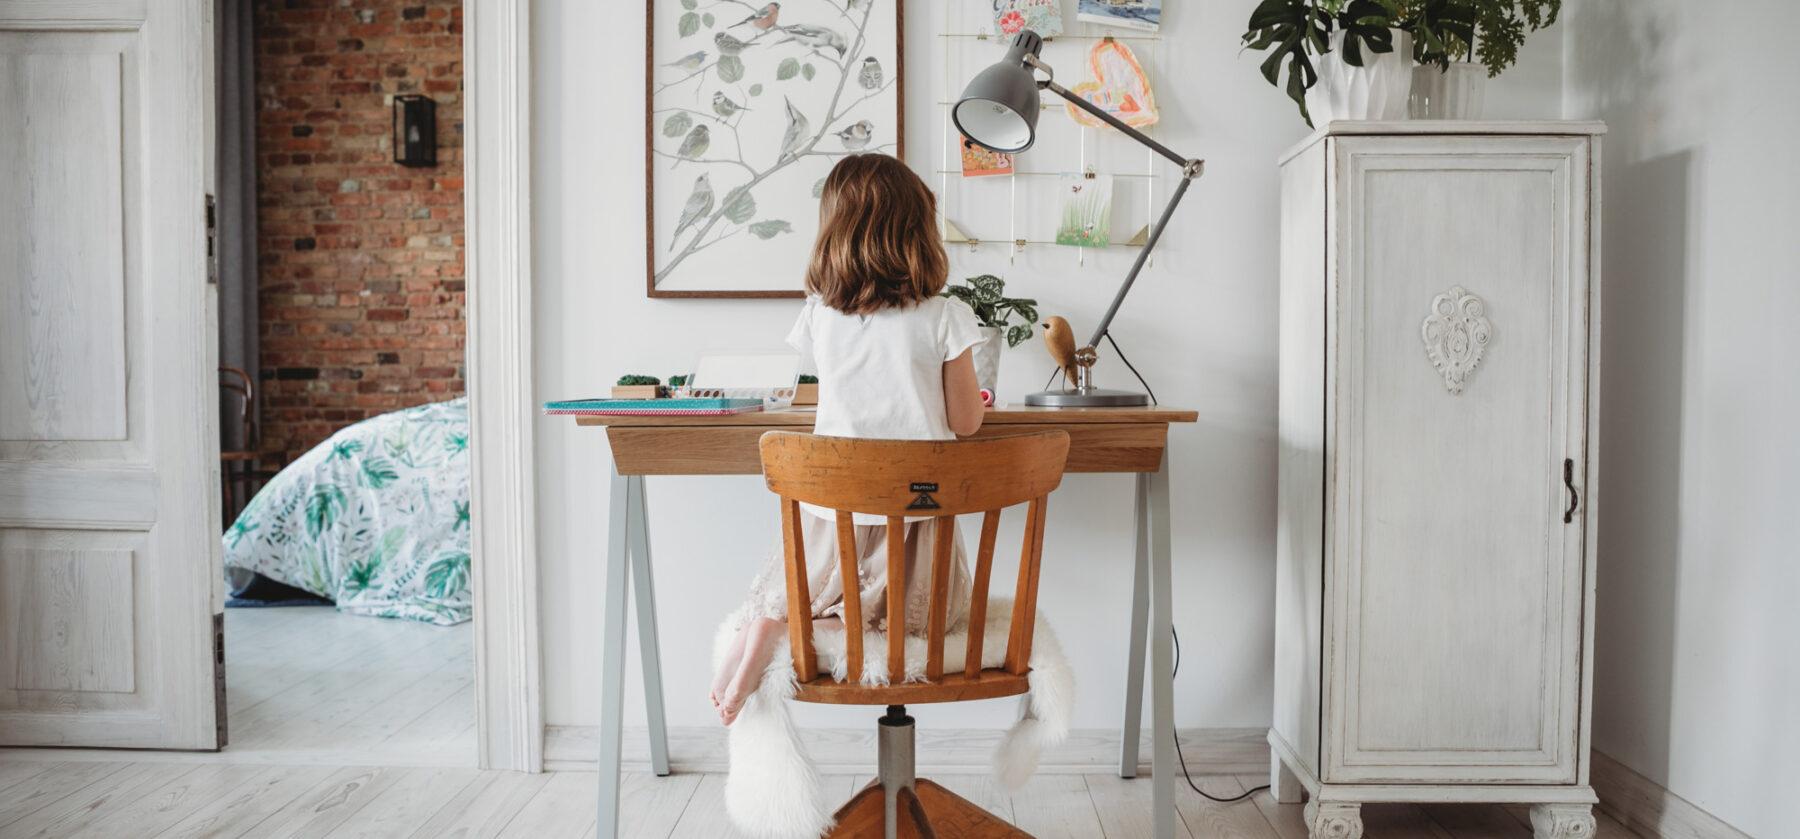 Drewniane biurko w kolorze szarym